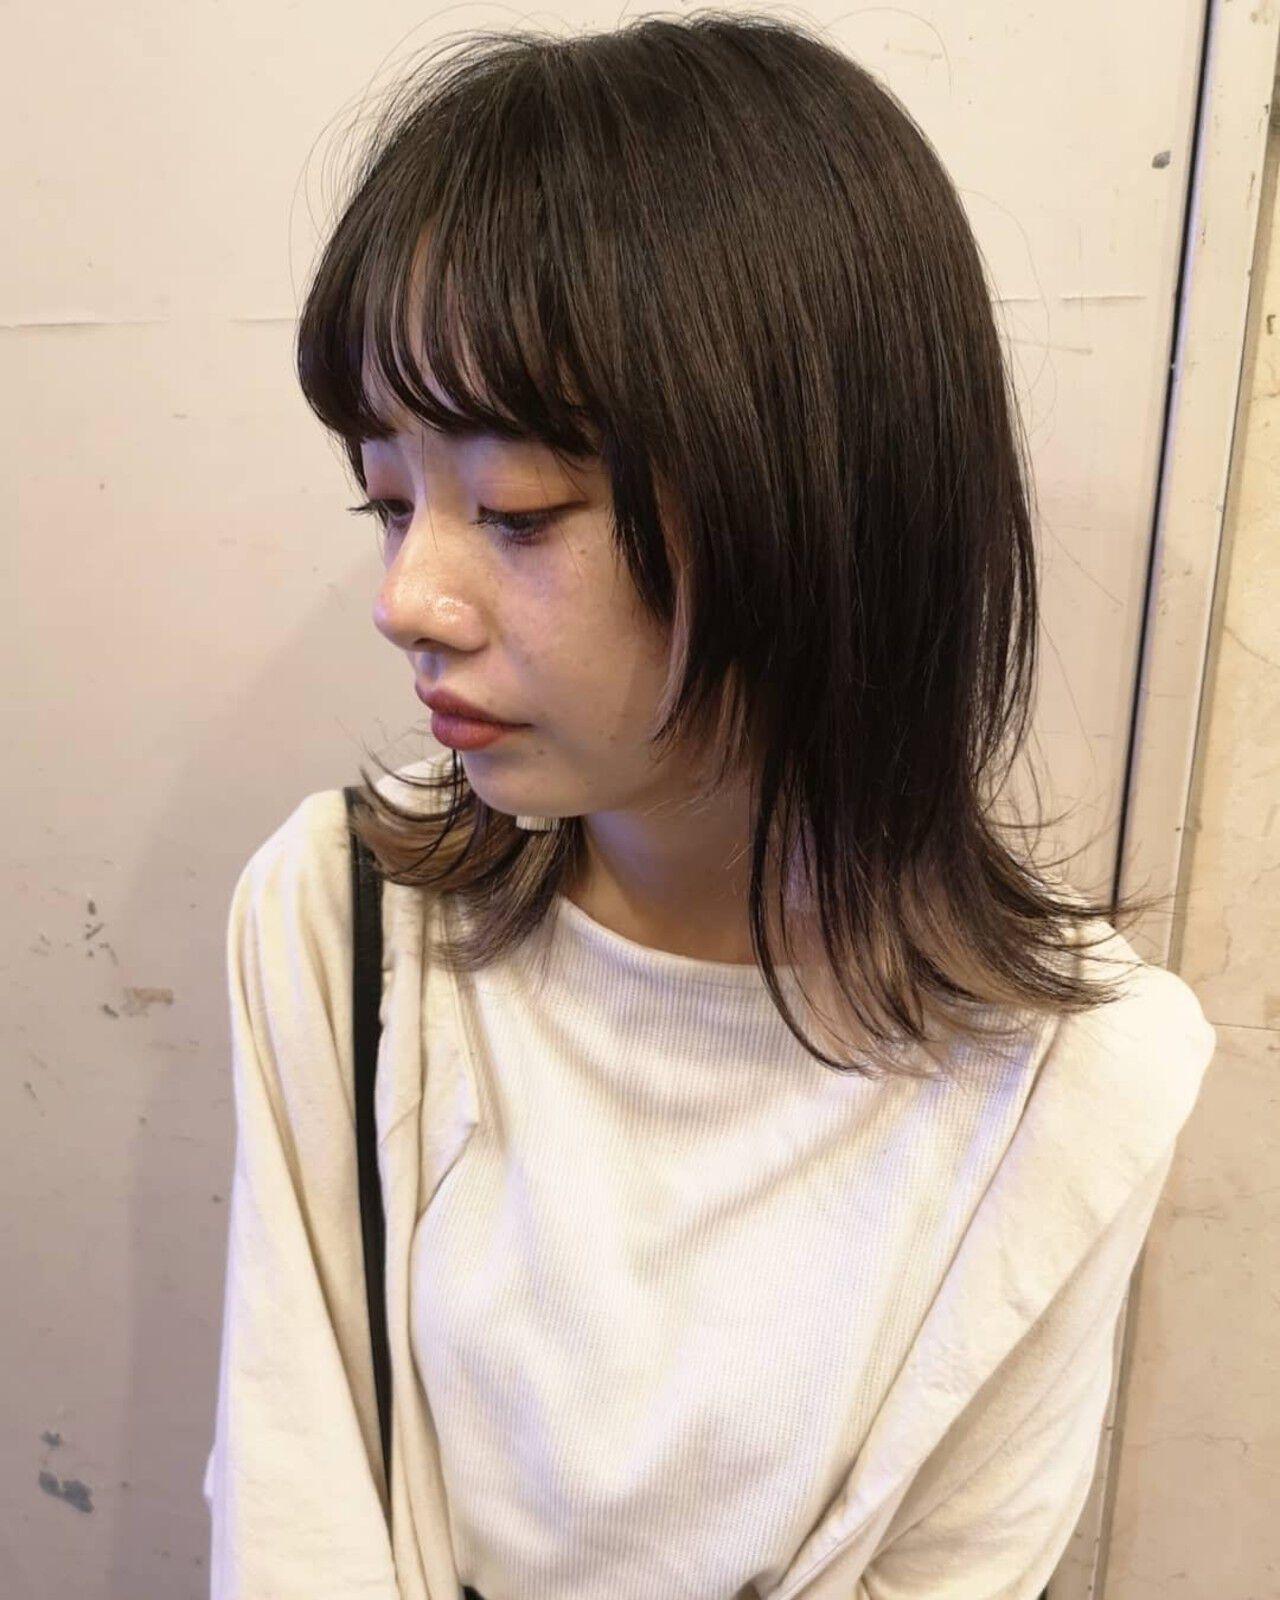 マッシュウルフ ミディアム ウルフ ナチュラルウルフヘアスタイルや髪型の写真・画像